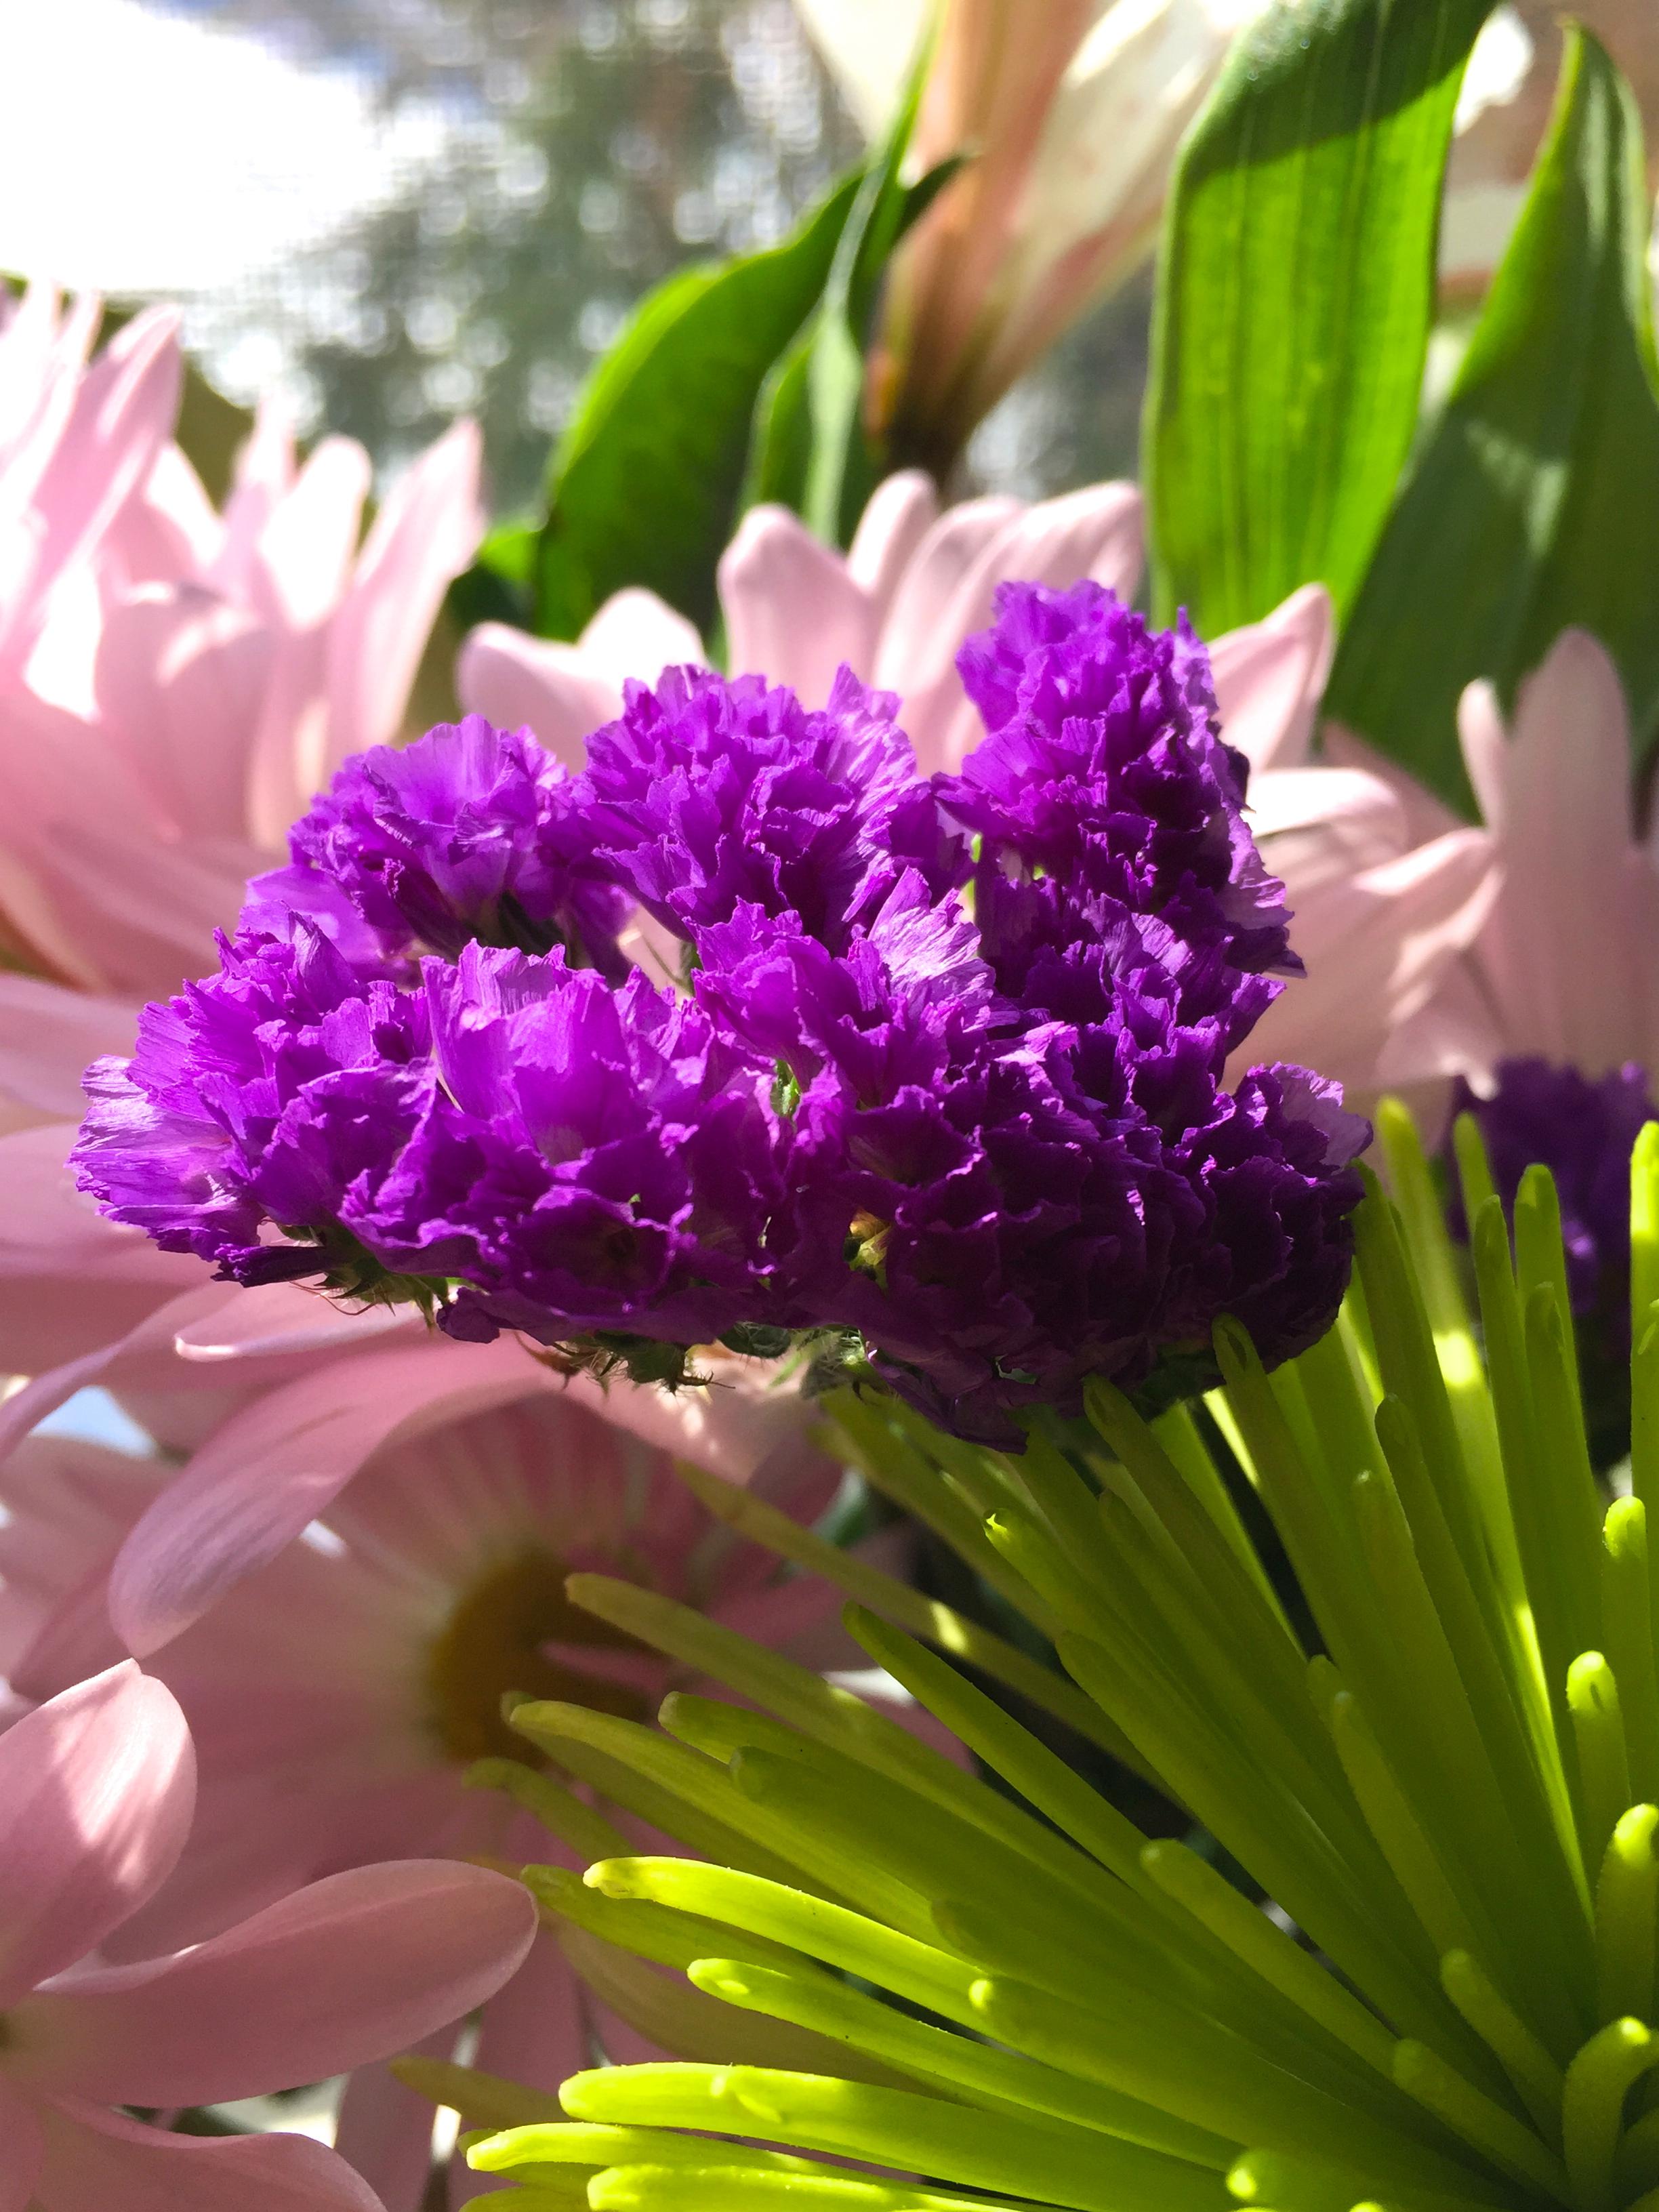 This Week's Fresh Cut Flowers